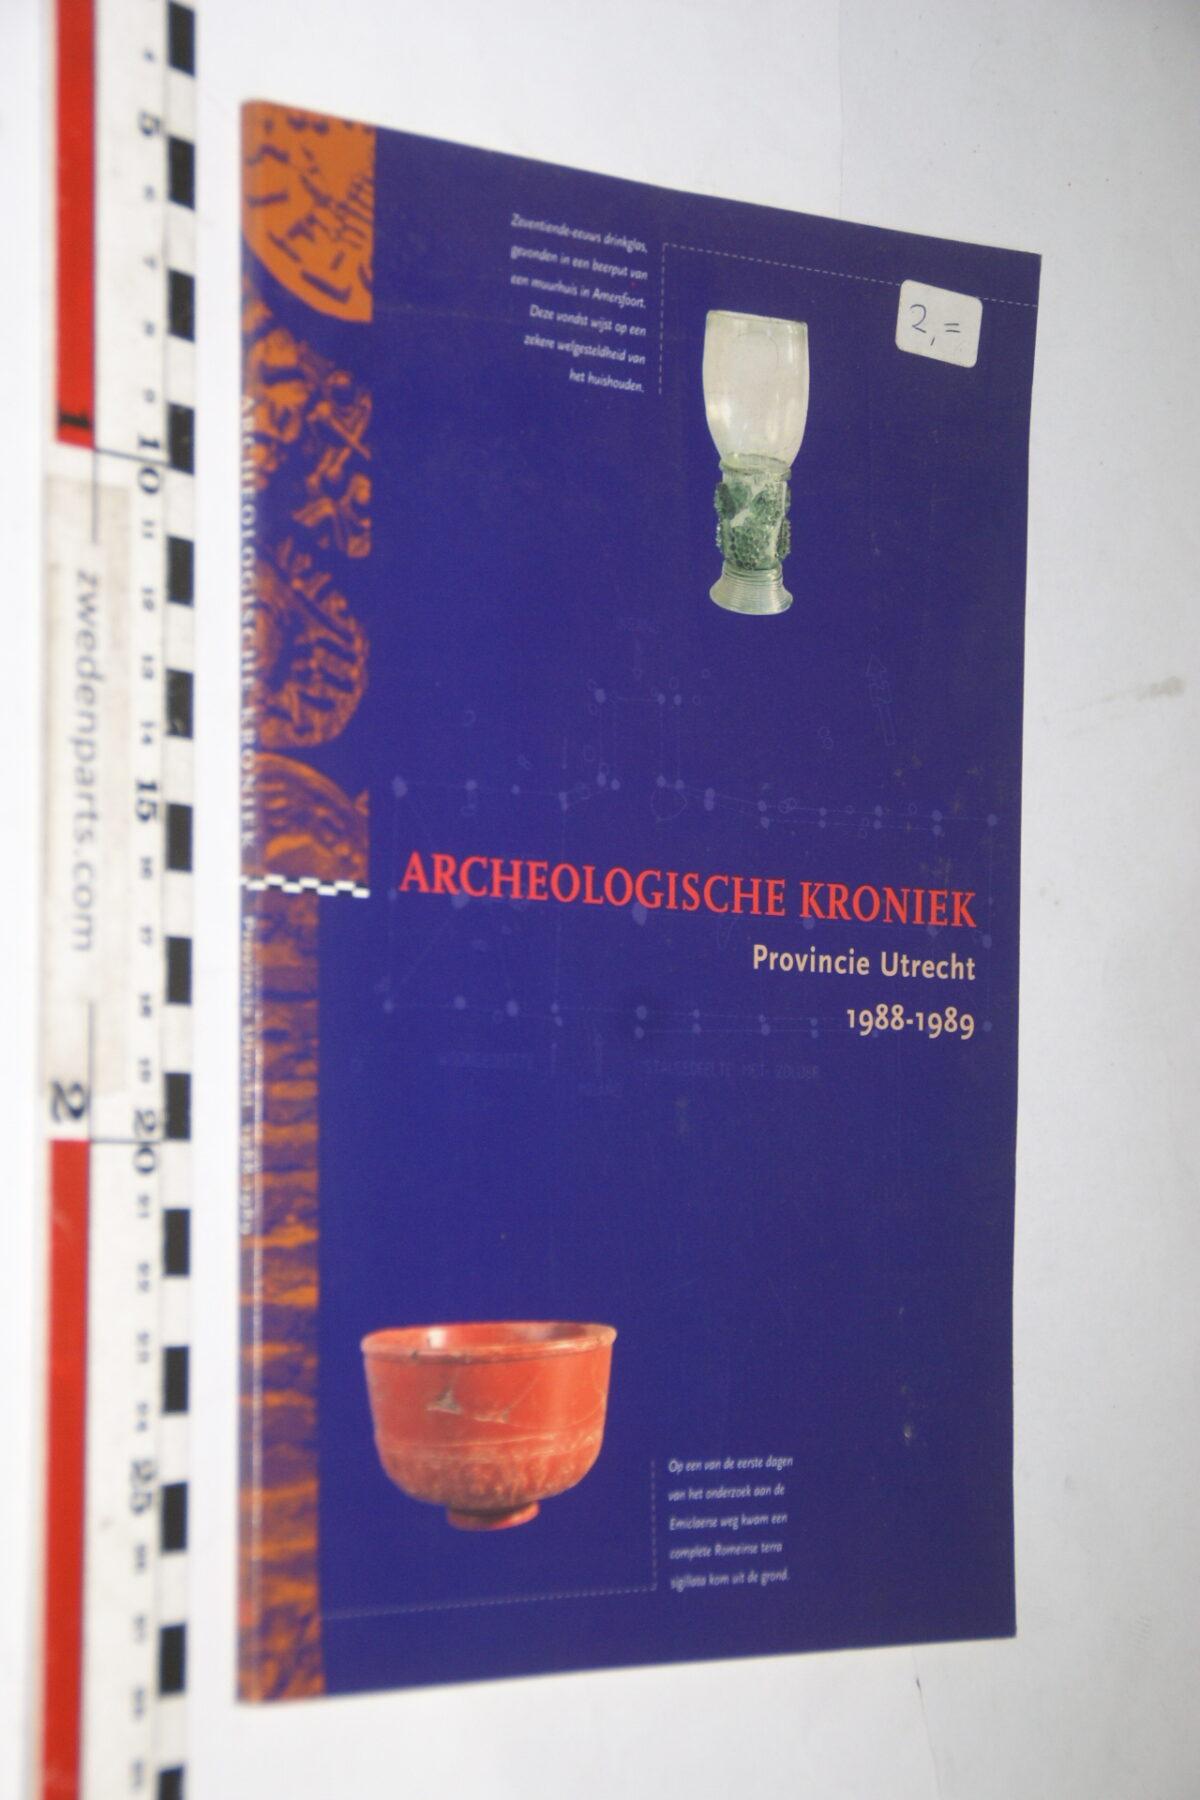 DSC03668 1988 boek Archeologische Kroniek provincie Utrecht-543a91b4